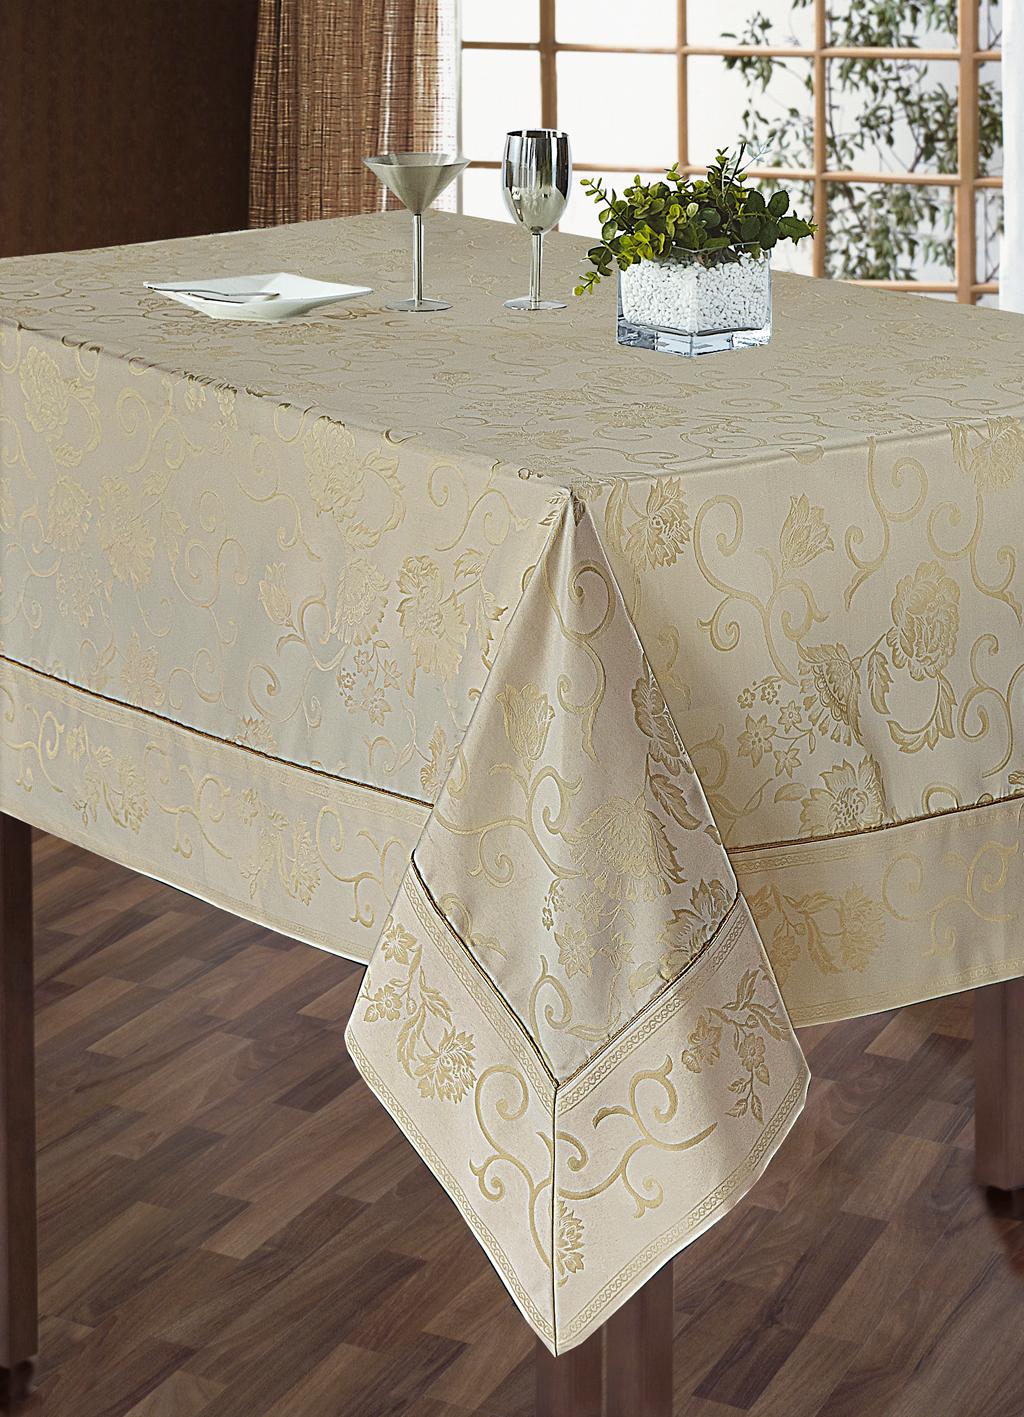 Комплект столового белья SL, цвет: кремовый, 5 предметов. 1010210102Роскошный комплект столового белья SL состоит из скатерти прямоугольной формы и 4 квадратных салфеток. Комплект выполнен из жаккарда с изящным цветочным рисунком. Комплект, несомненно, придаст интерьеру уют и внесет что-то новое. Использование такого комплекта сделает застолье более торжественным, поднимет настроение гостей и приятно удивит их вашим изысканным вкусом. Вы можете использовать этот комплект для повседневной трапезы, превратив каждый прием пищи в волшебный праздник и веселье. Жаккард - одна из дорогих тканей. Жаккардовые ткани очень прочны и долговечны, очень удобны в эксплуатации. Изготавливается жаккард благодаря особой технике плетения в основном из хлопчатобумажной, синтетической или смесовой пряжи. Своеобразный рельефный рисунок, который получается в результате сложного плетения на плотной ткани, напоминает своего рода гобелен. Комплект упакован в красивую подарочную коробку. Soft Line - мягкая эстетика для...